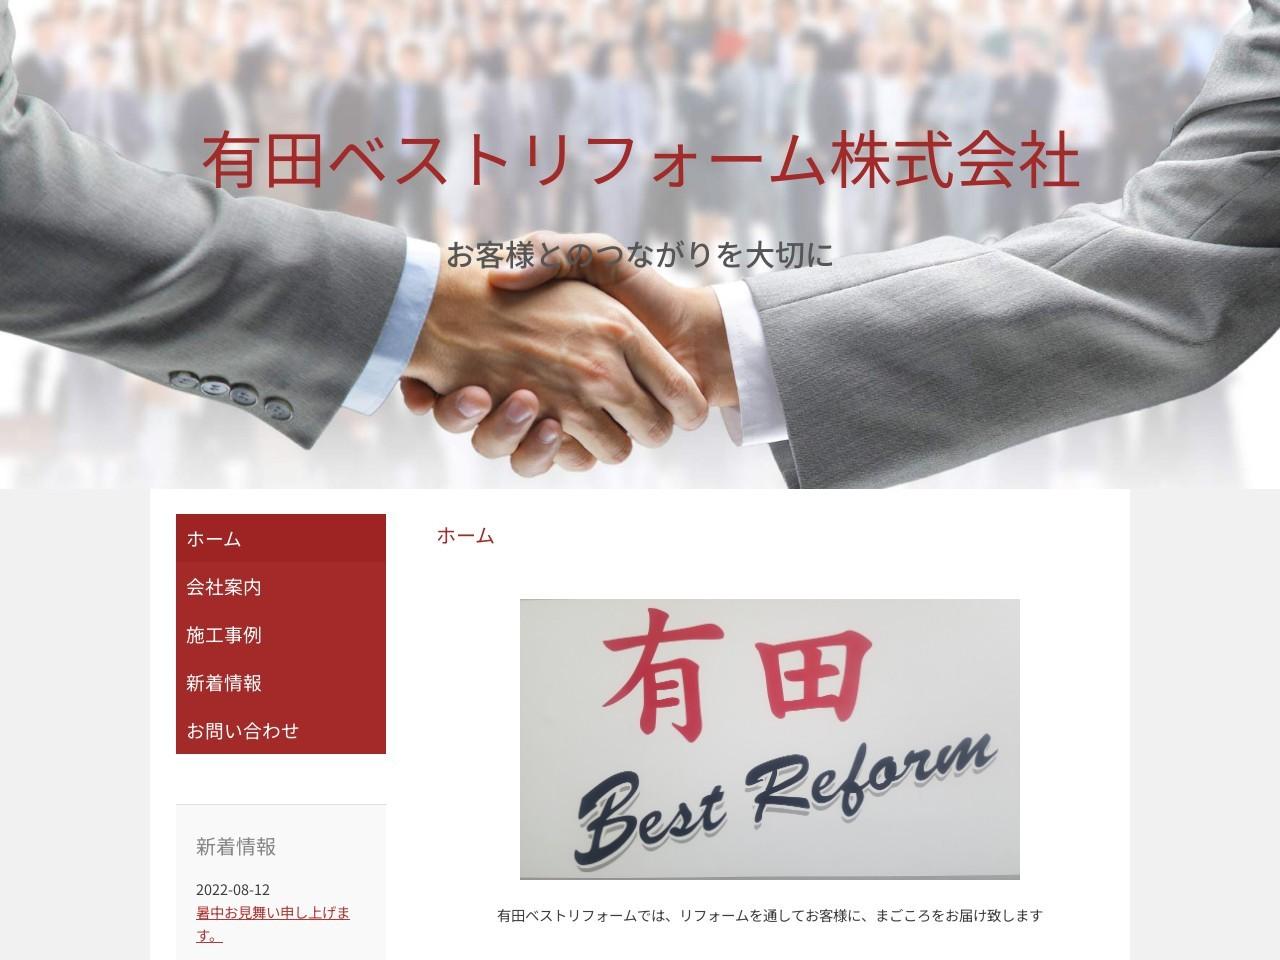 有田ベストリフォーム株式会社